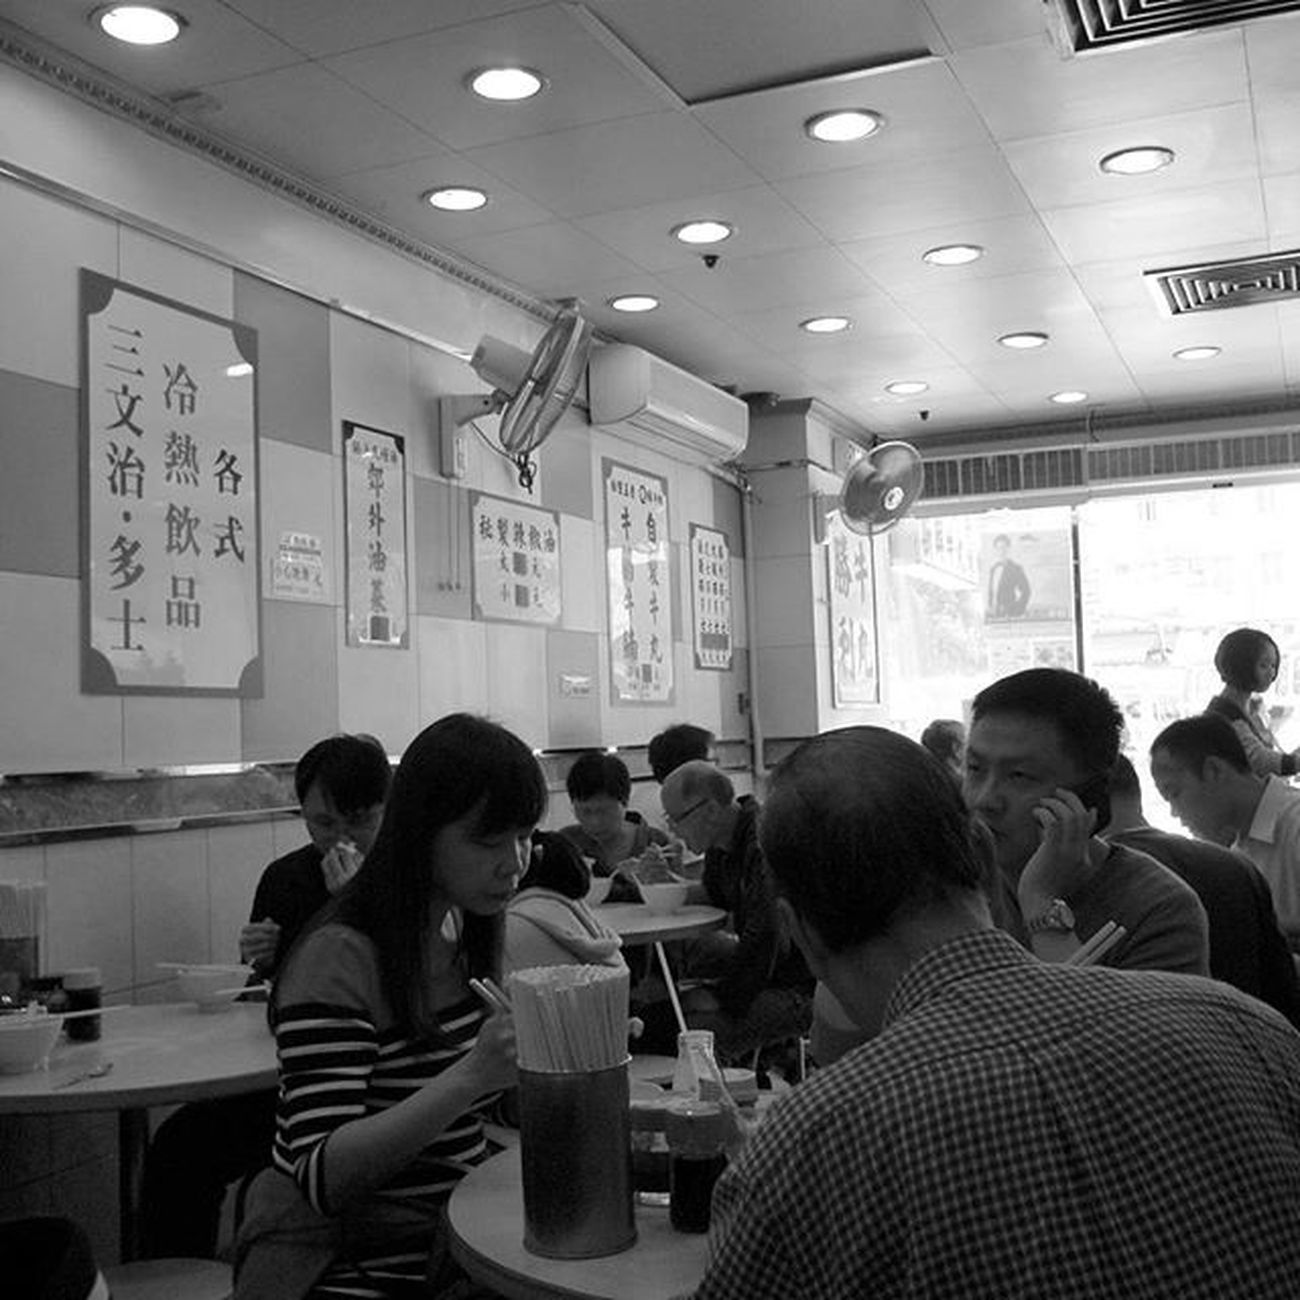 如果 時間 能 重來 好 喜 歡 老香港 的 味道